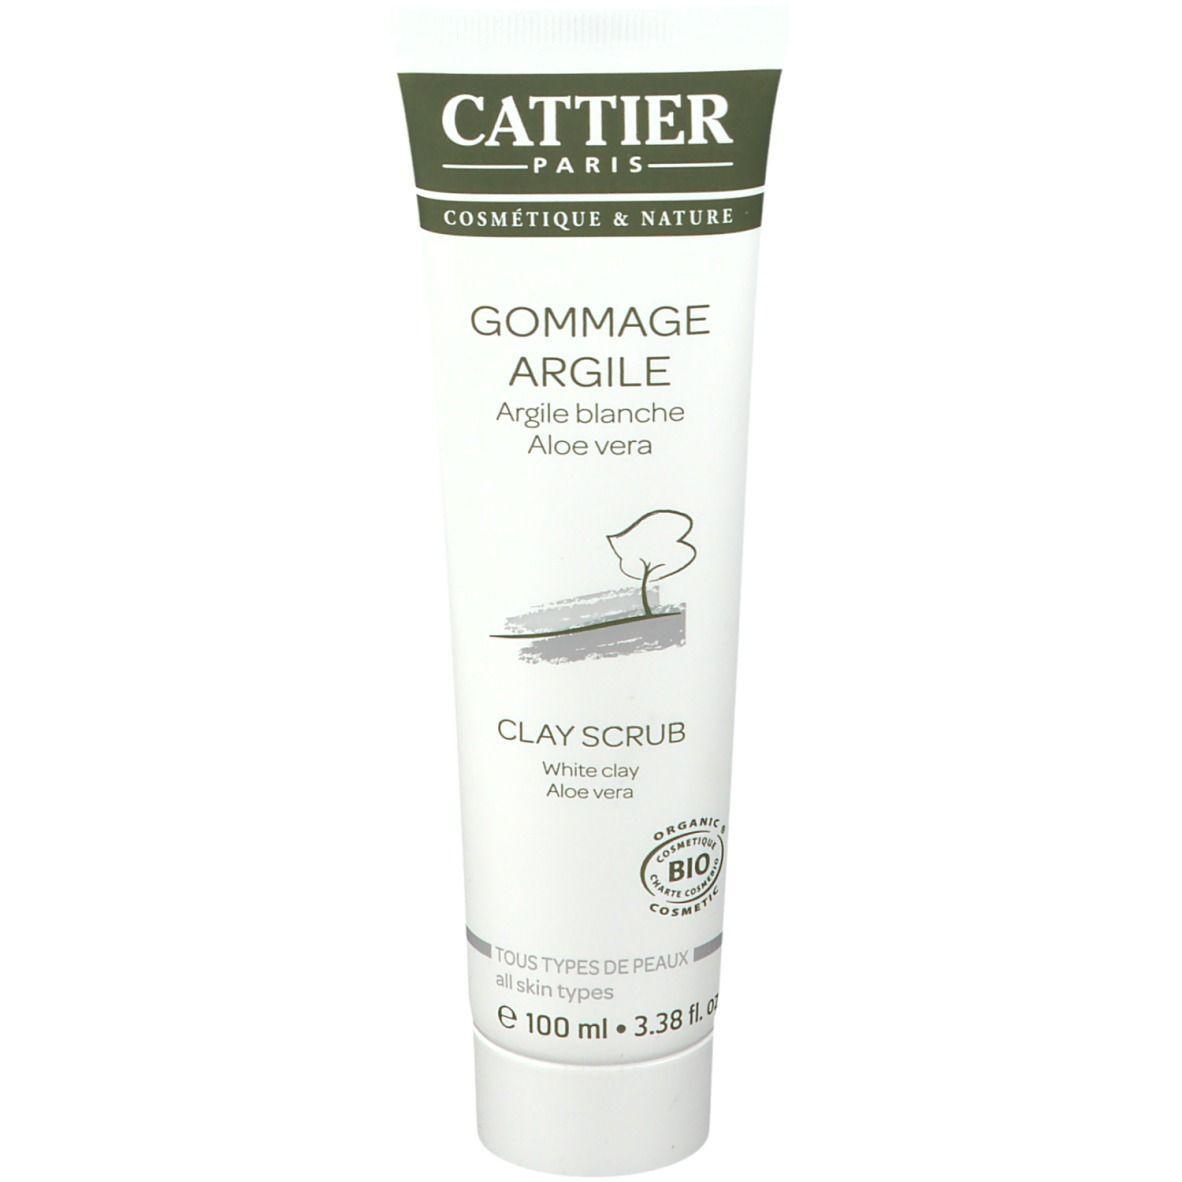 Cattier Gommage à l'argile blanche bio ml produit(s) démaquillant(s)